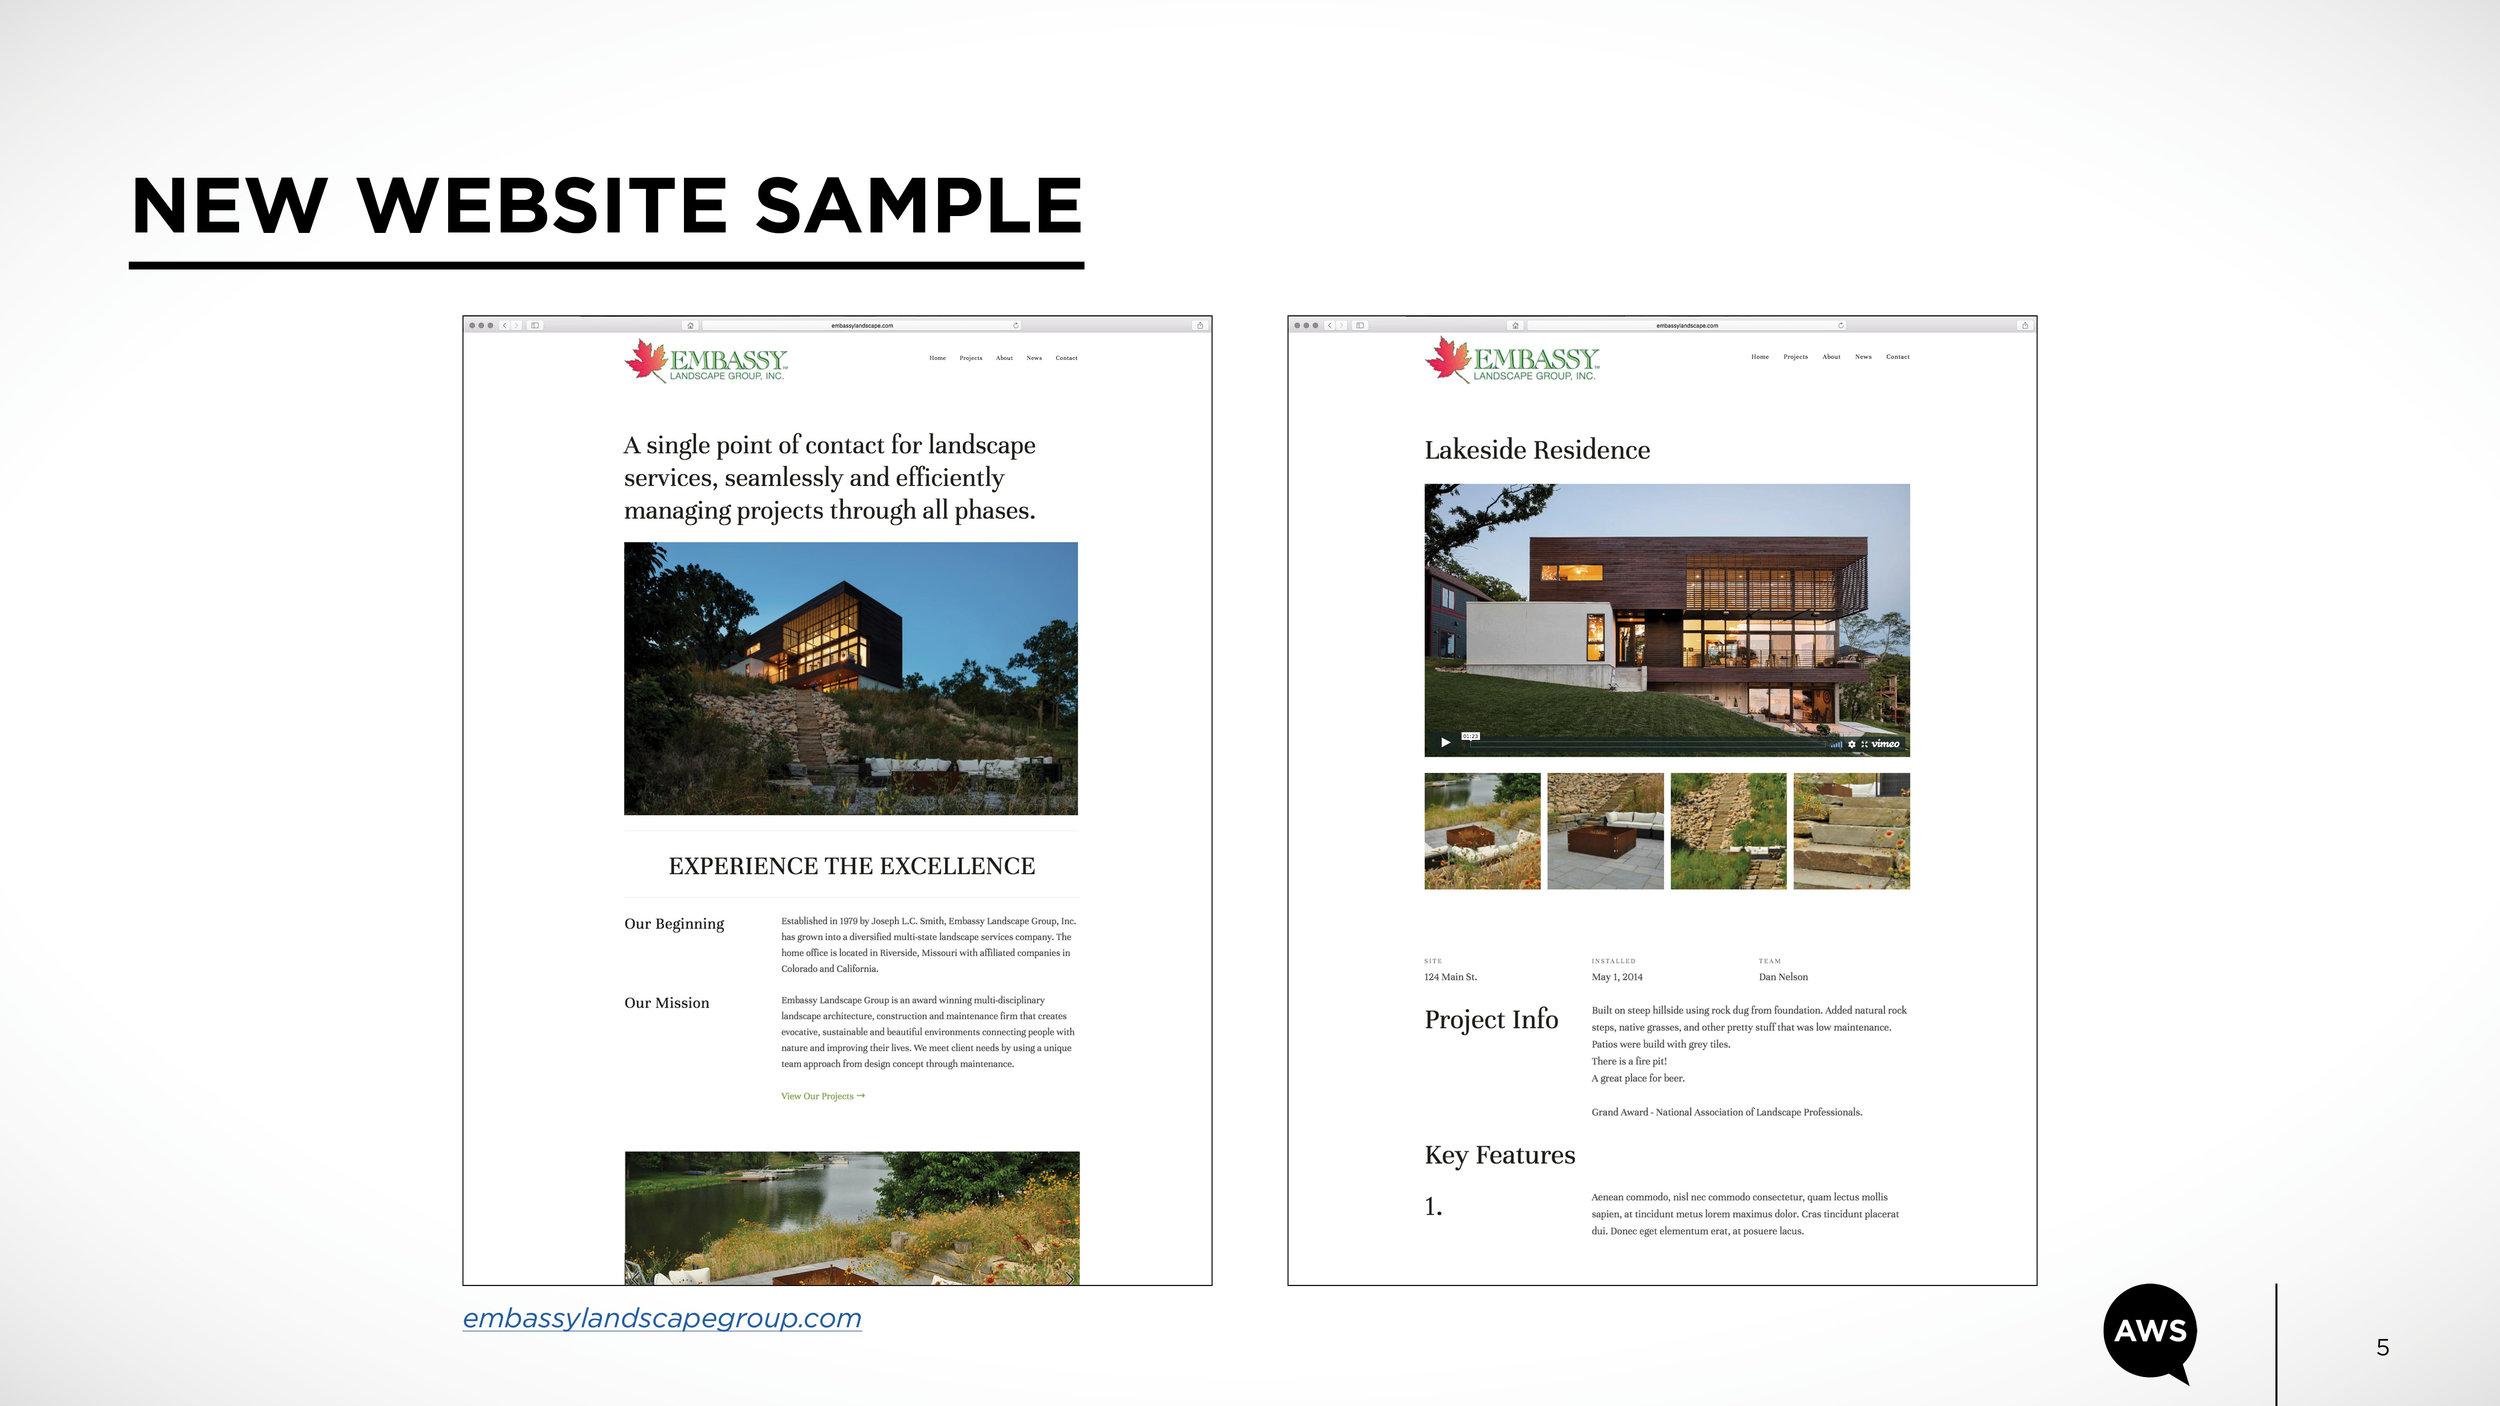 AWS - Embassy Landscape5.jpg